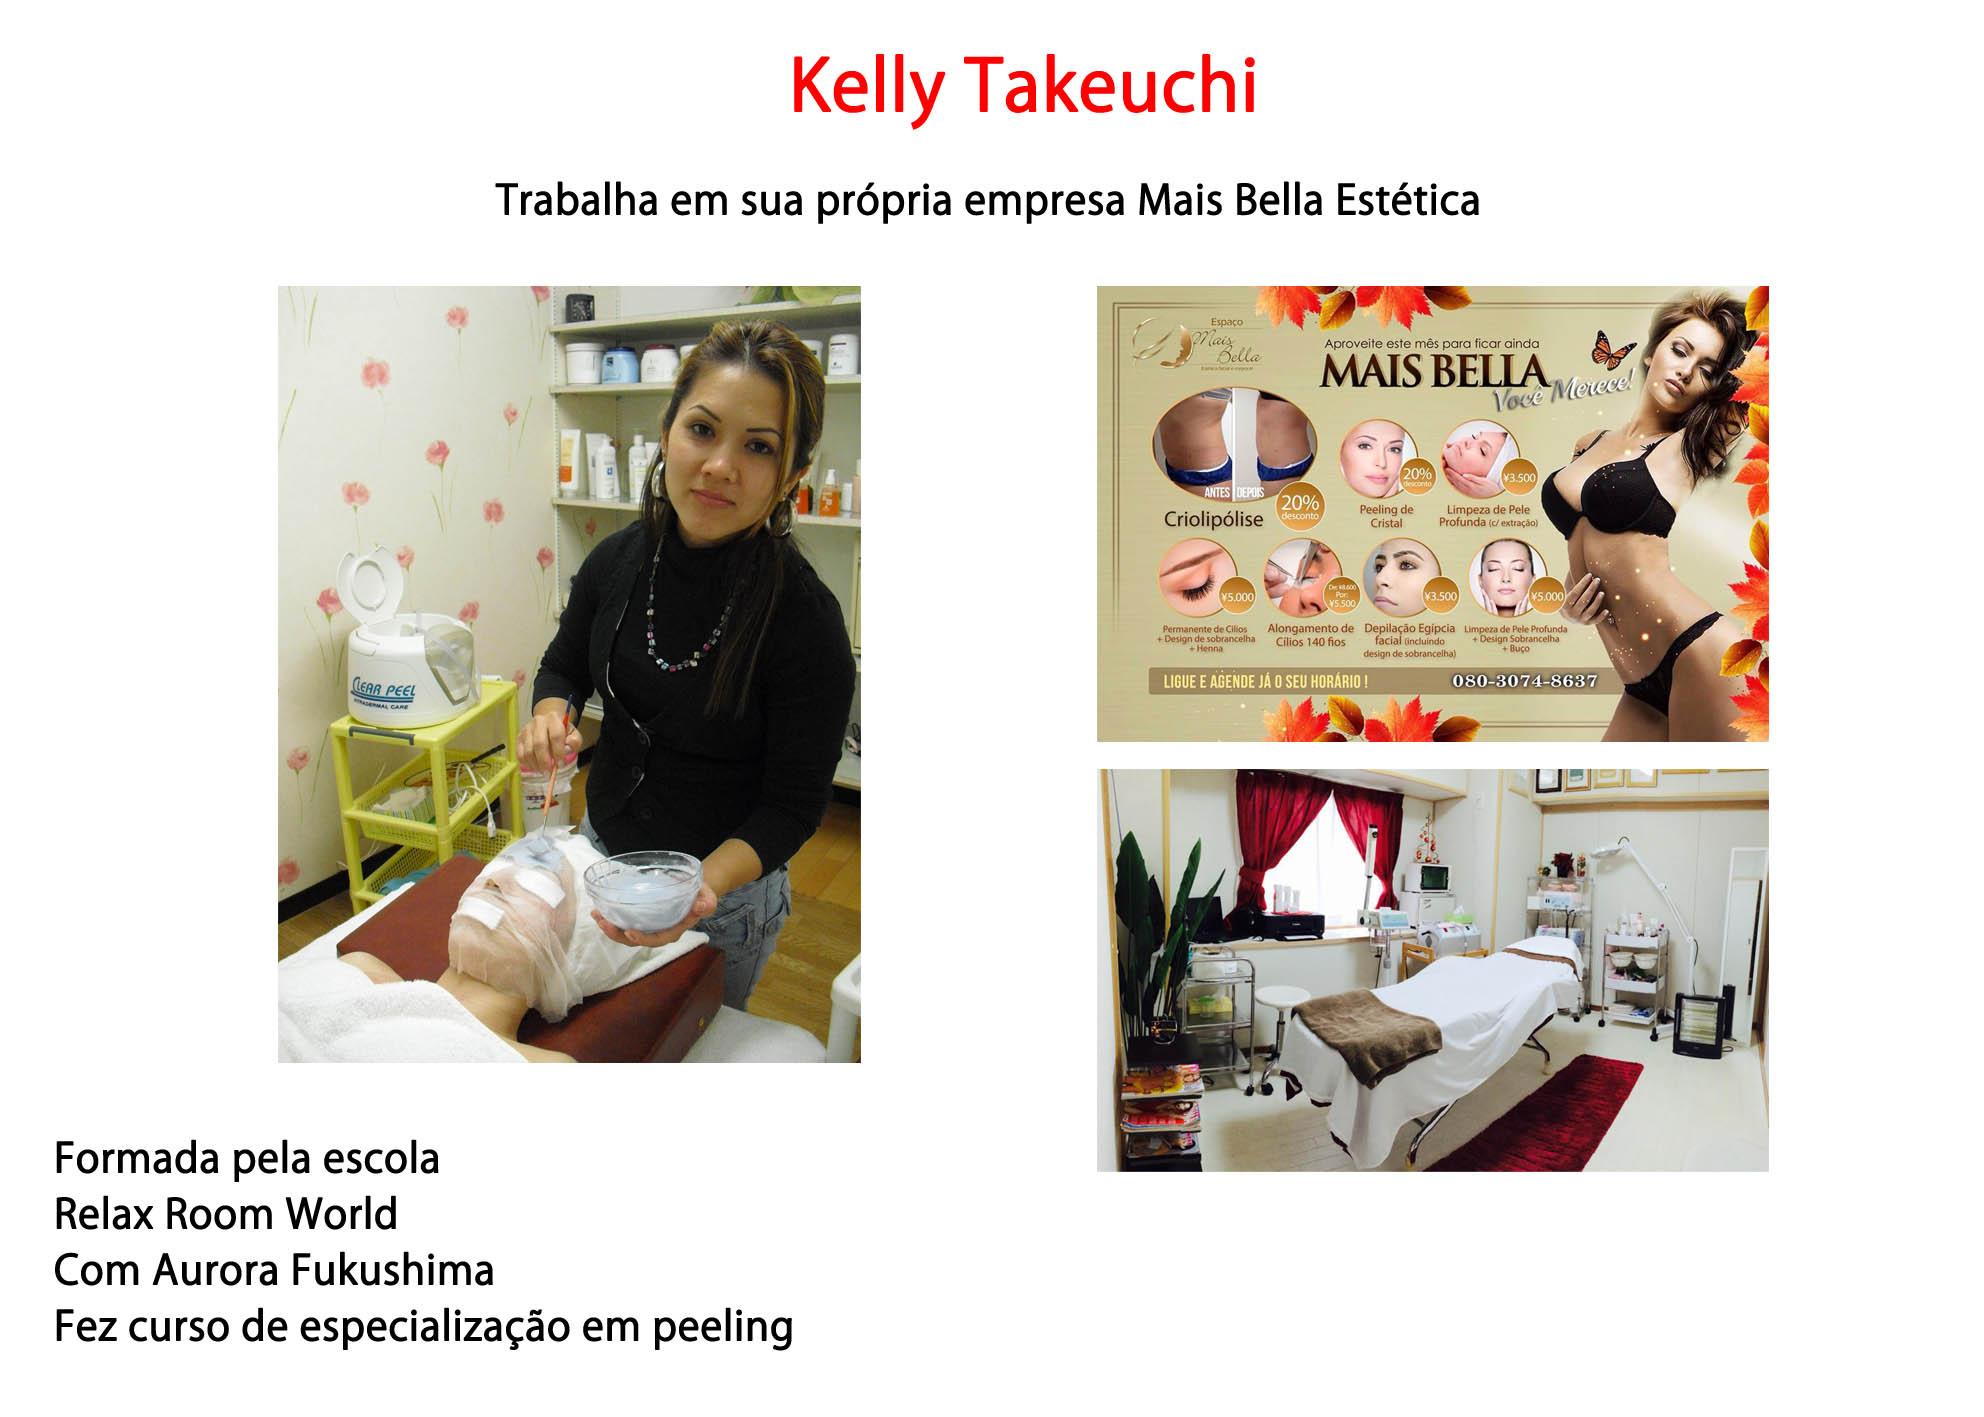 Kelly Takeuchi